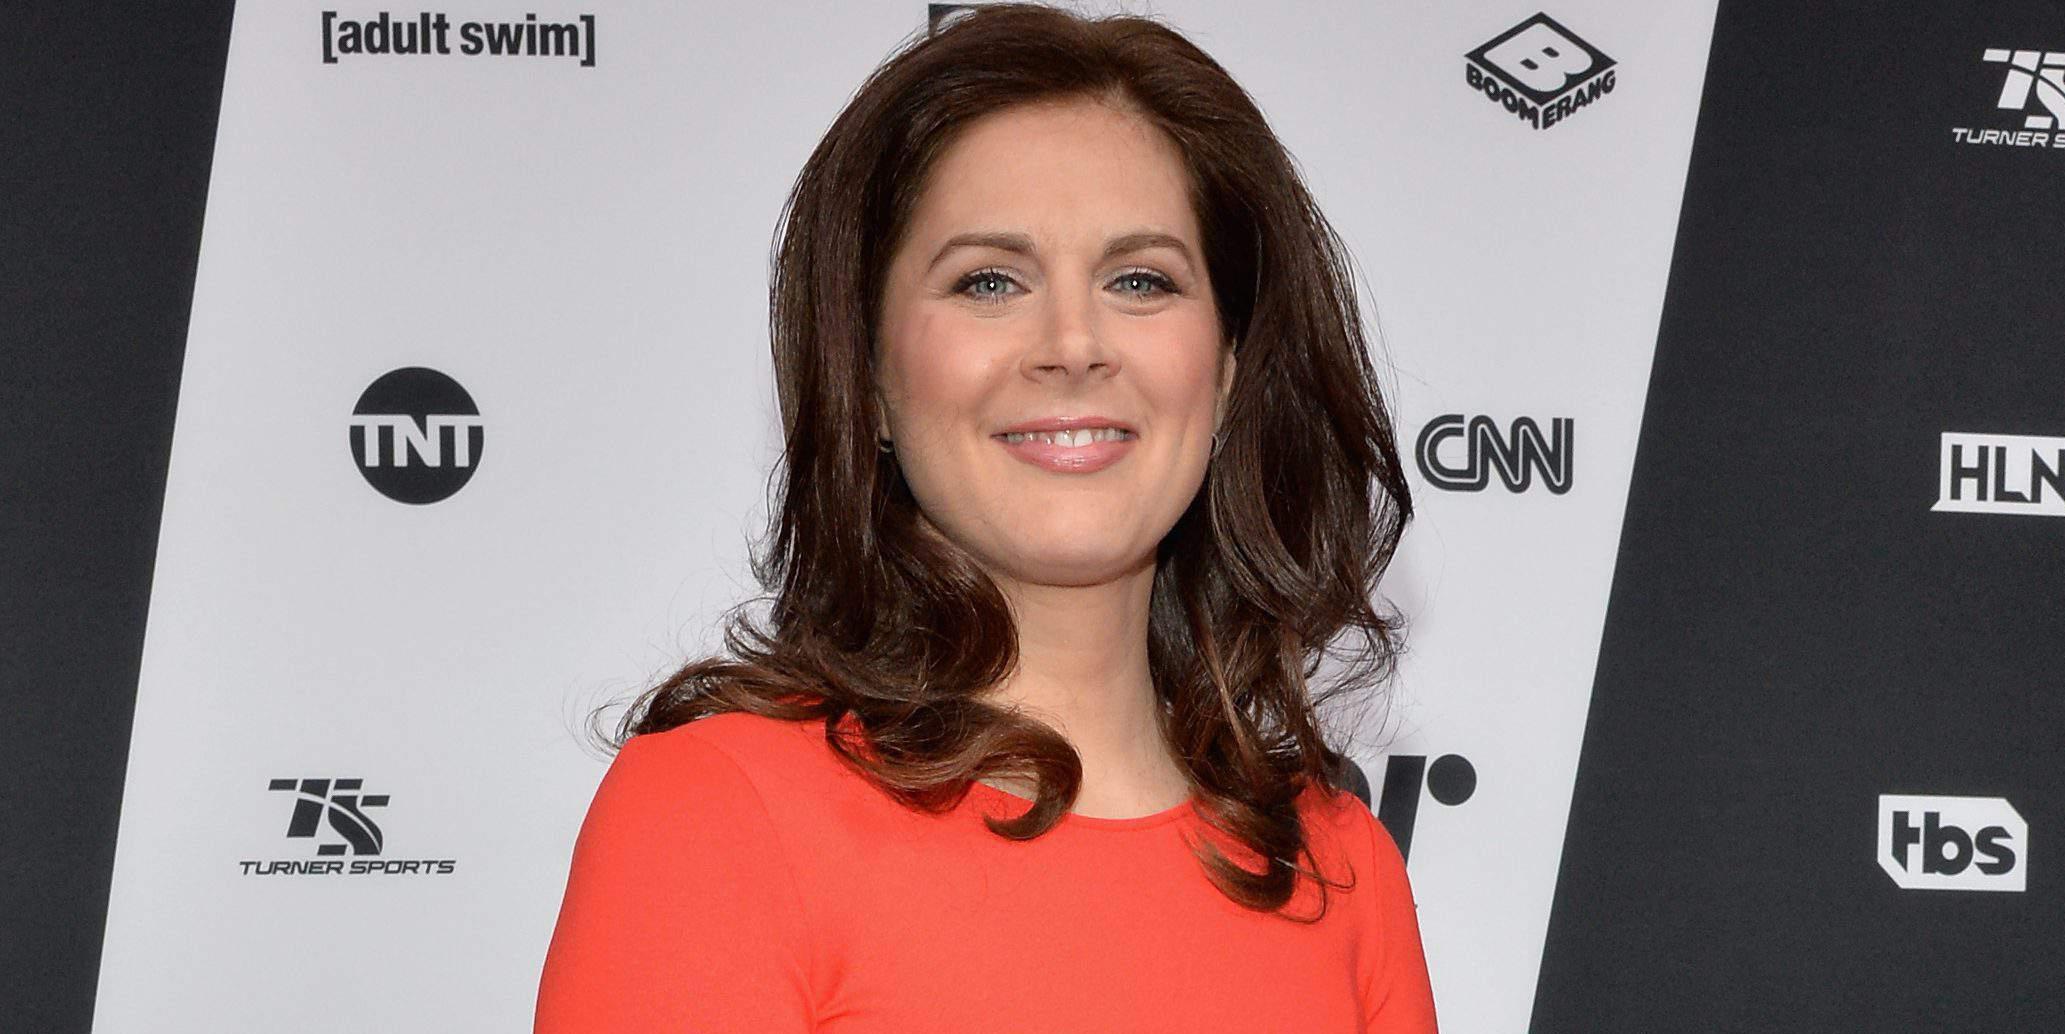 erin burnett hottest female broadcasters